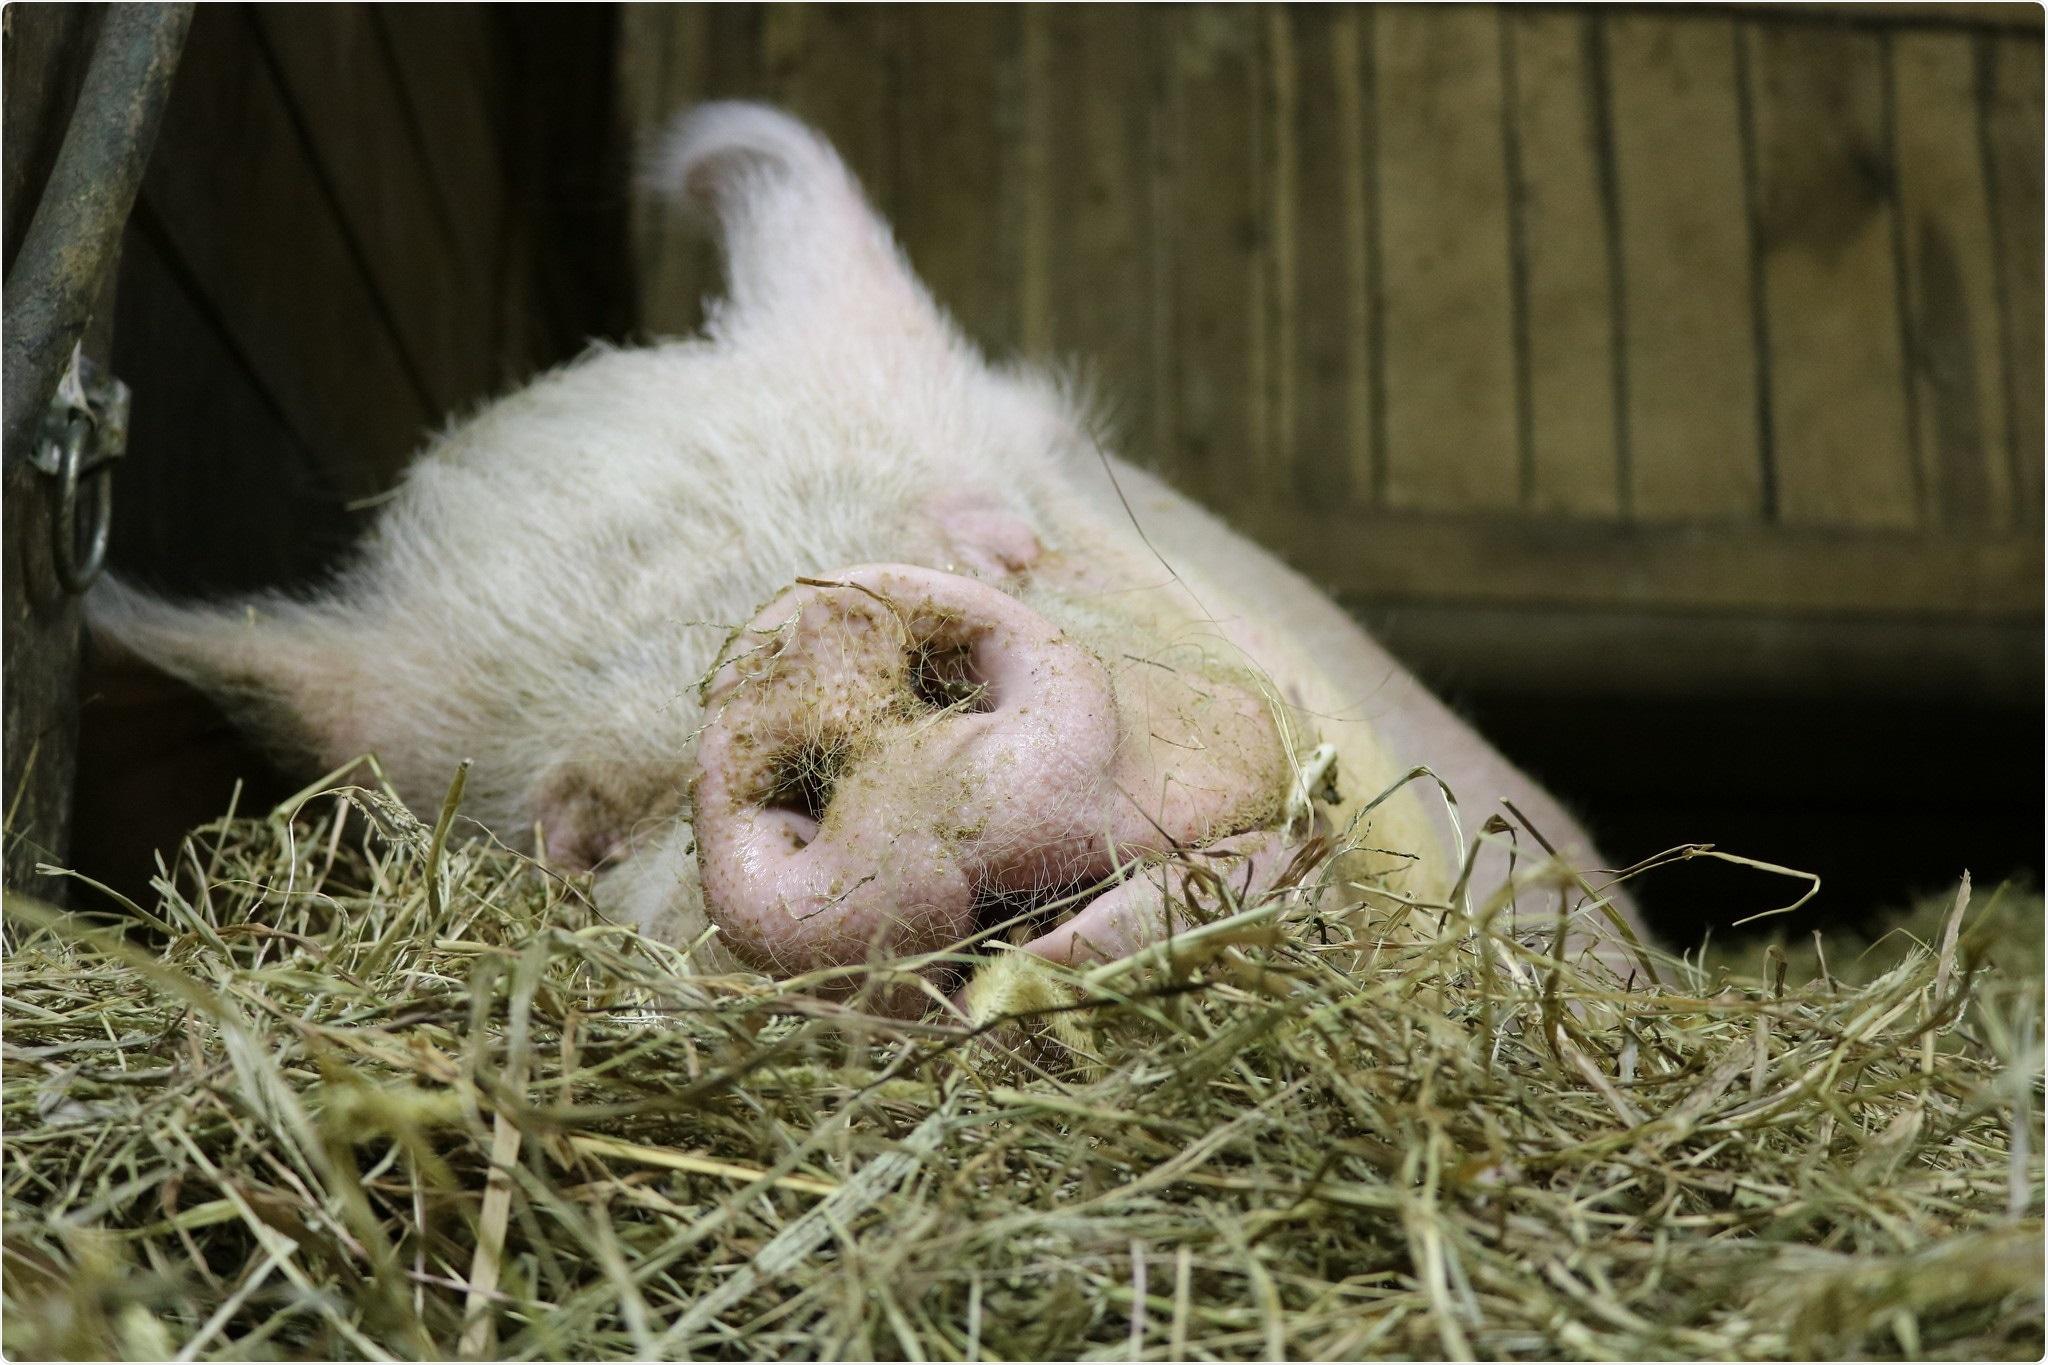 Domestic Pig. Credit: NIAID